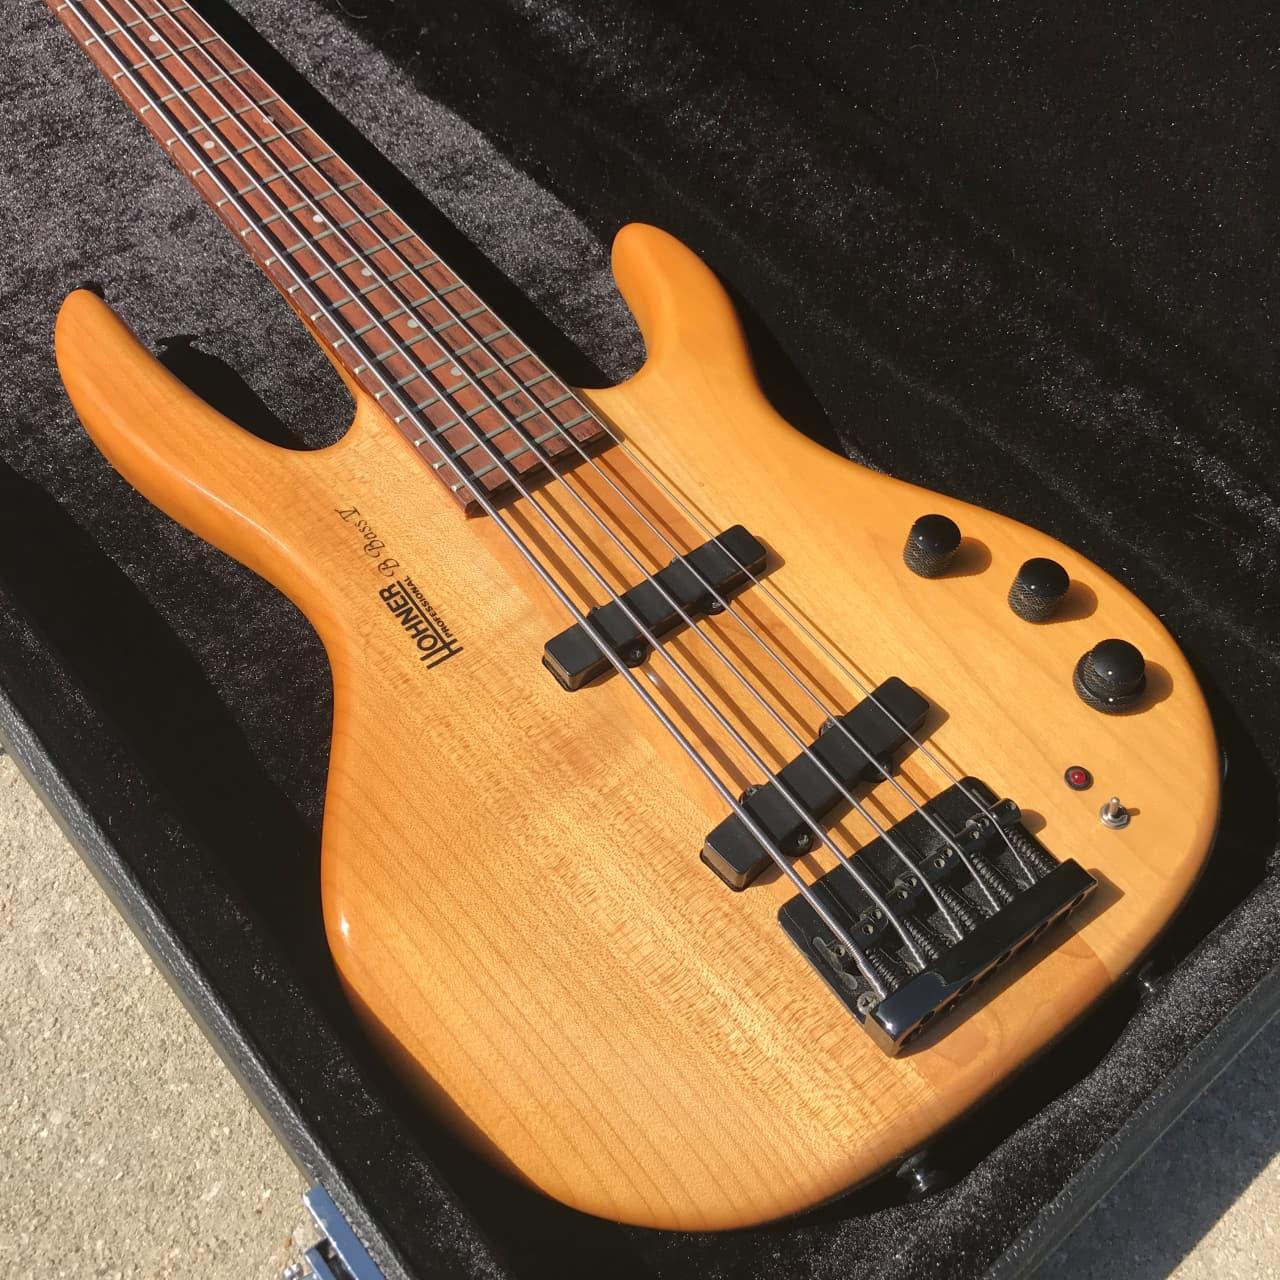 hohner professional b bass v guitar 5 string neck thru reverb. Black Bedroom Furniture Sets. Home Design Ideas